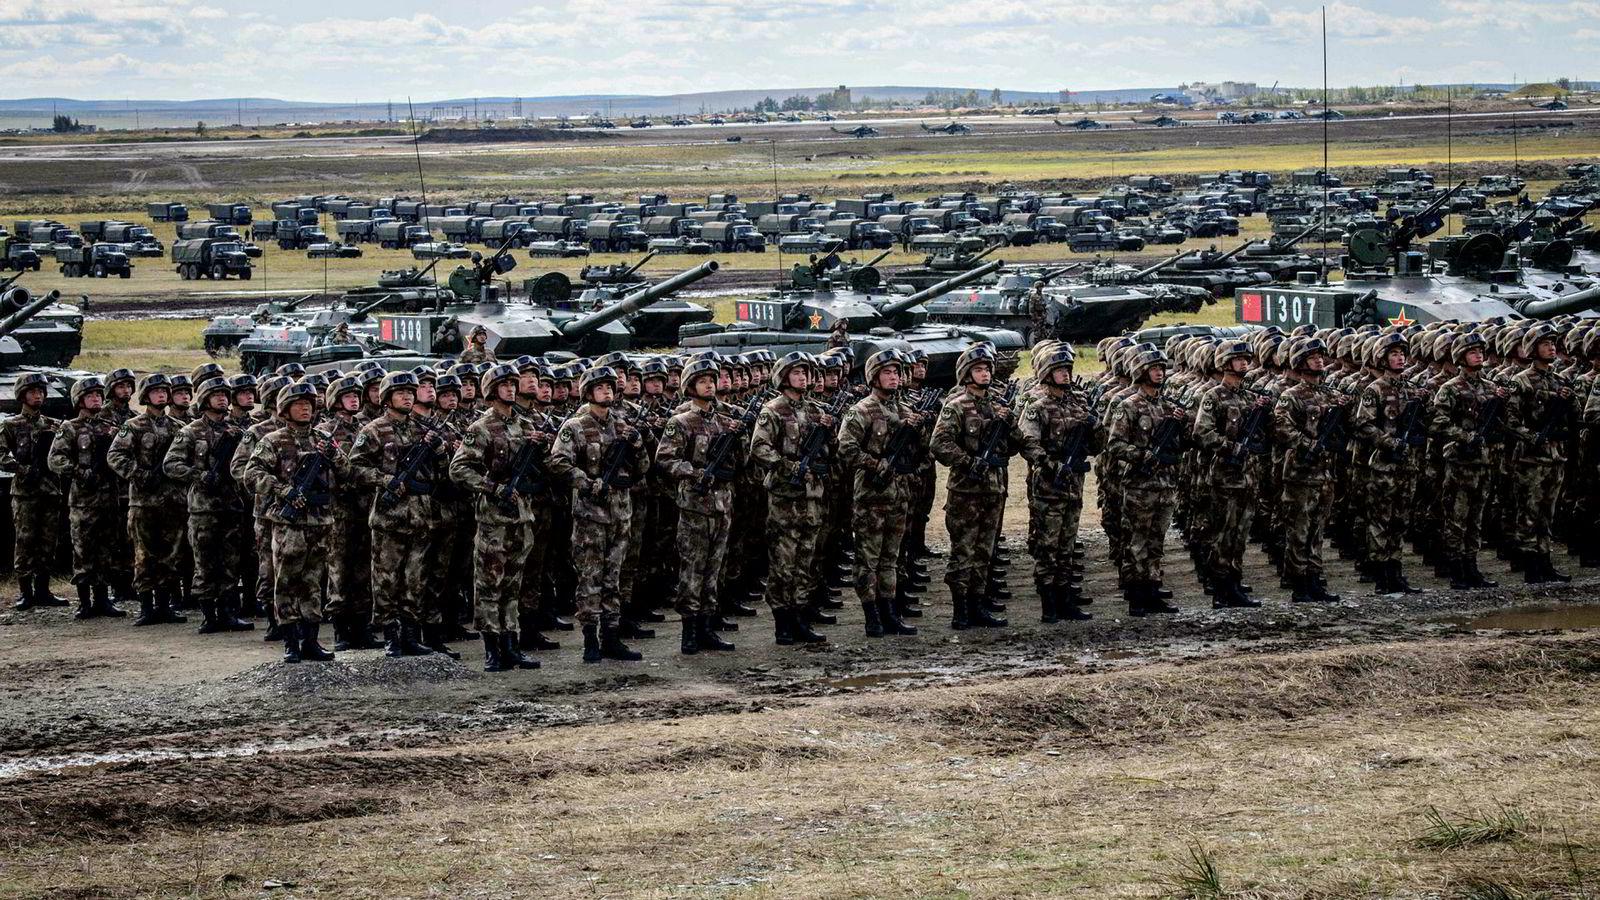 Kina avlyser samtaler om militært samarbeid med USA. Her fra den store kinesisk-russiske militærøvelsen Vostok, på grensen mellom Russland, Kina og Mongolia, tidligere i september.